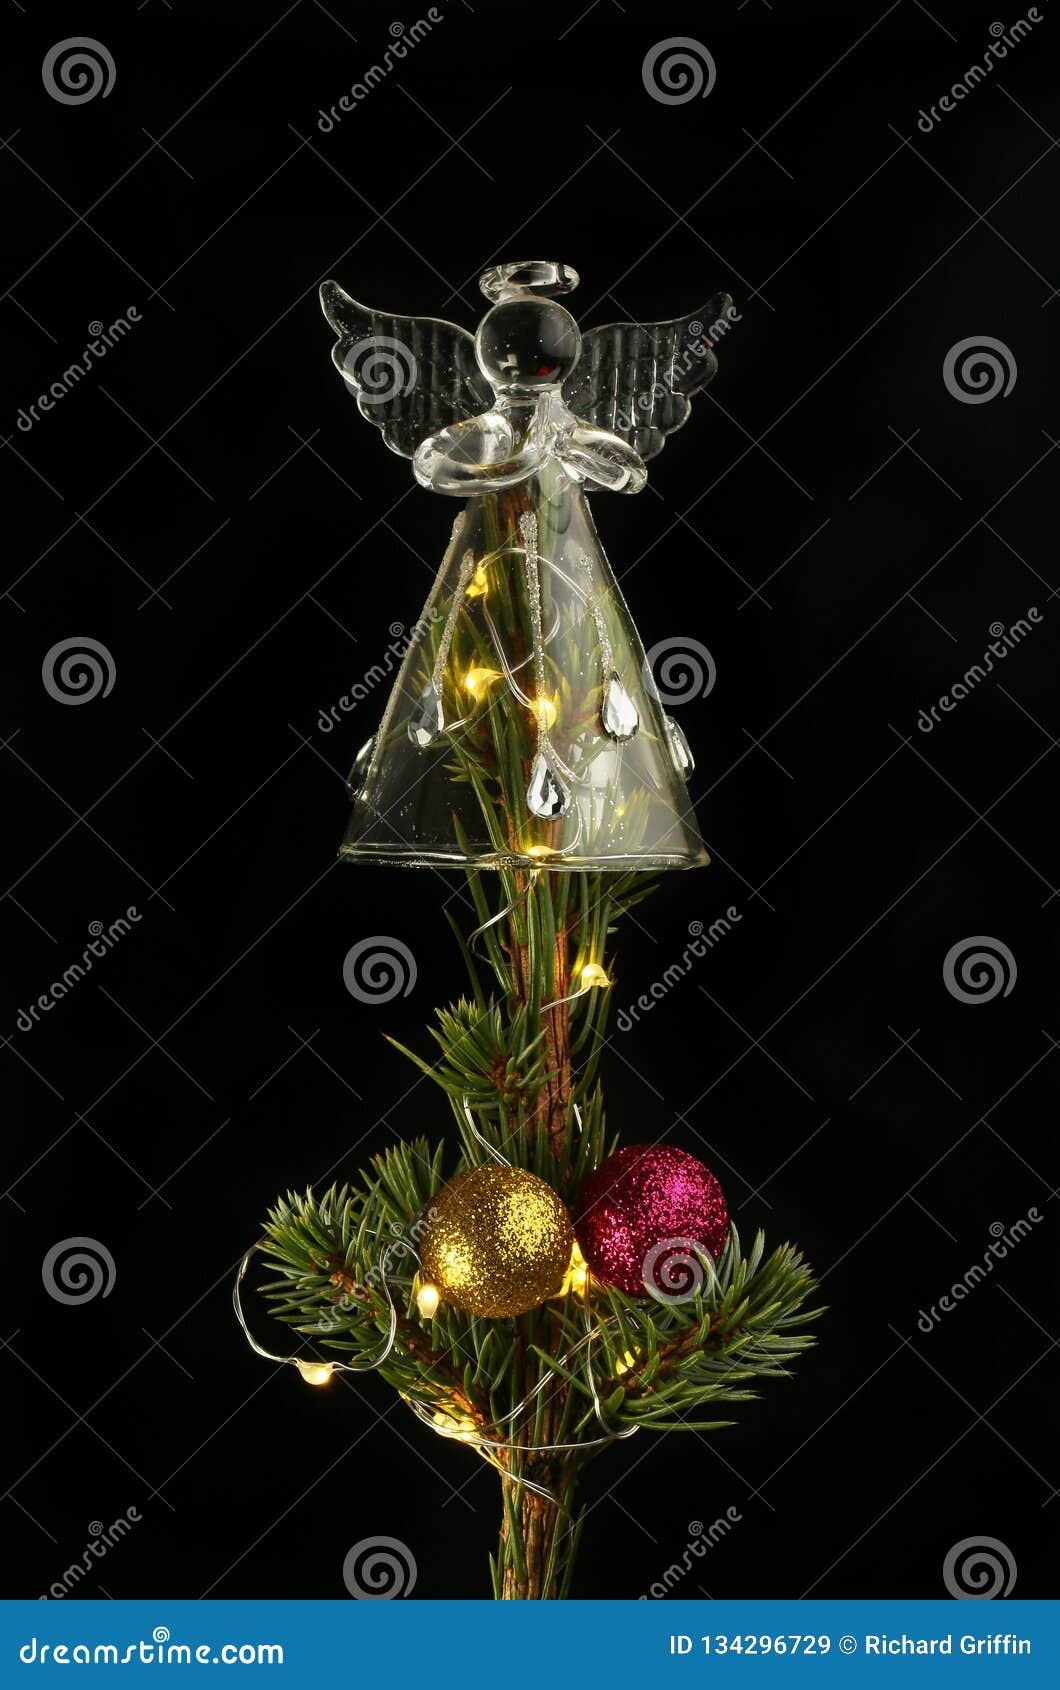 Glass angel on a Christmas tree